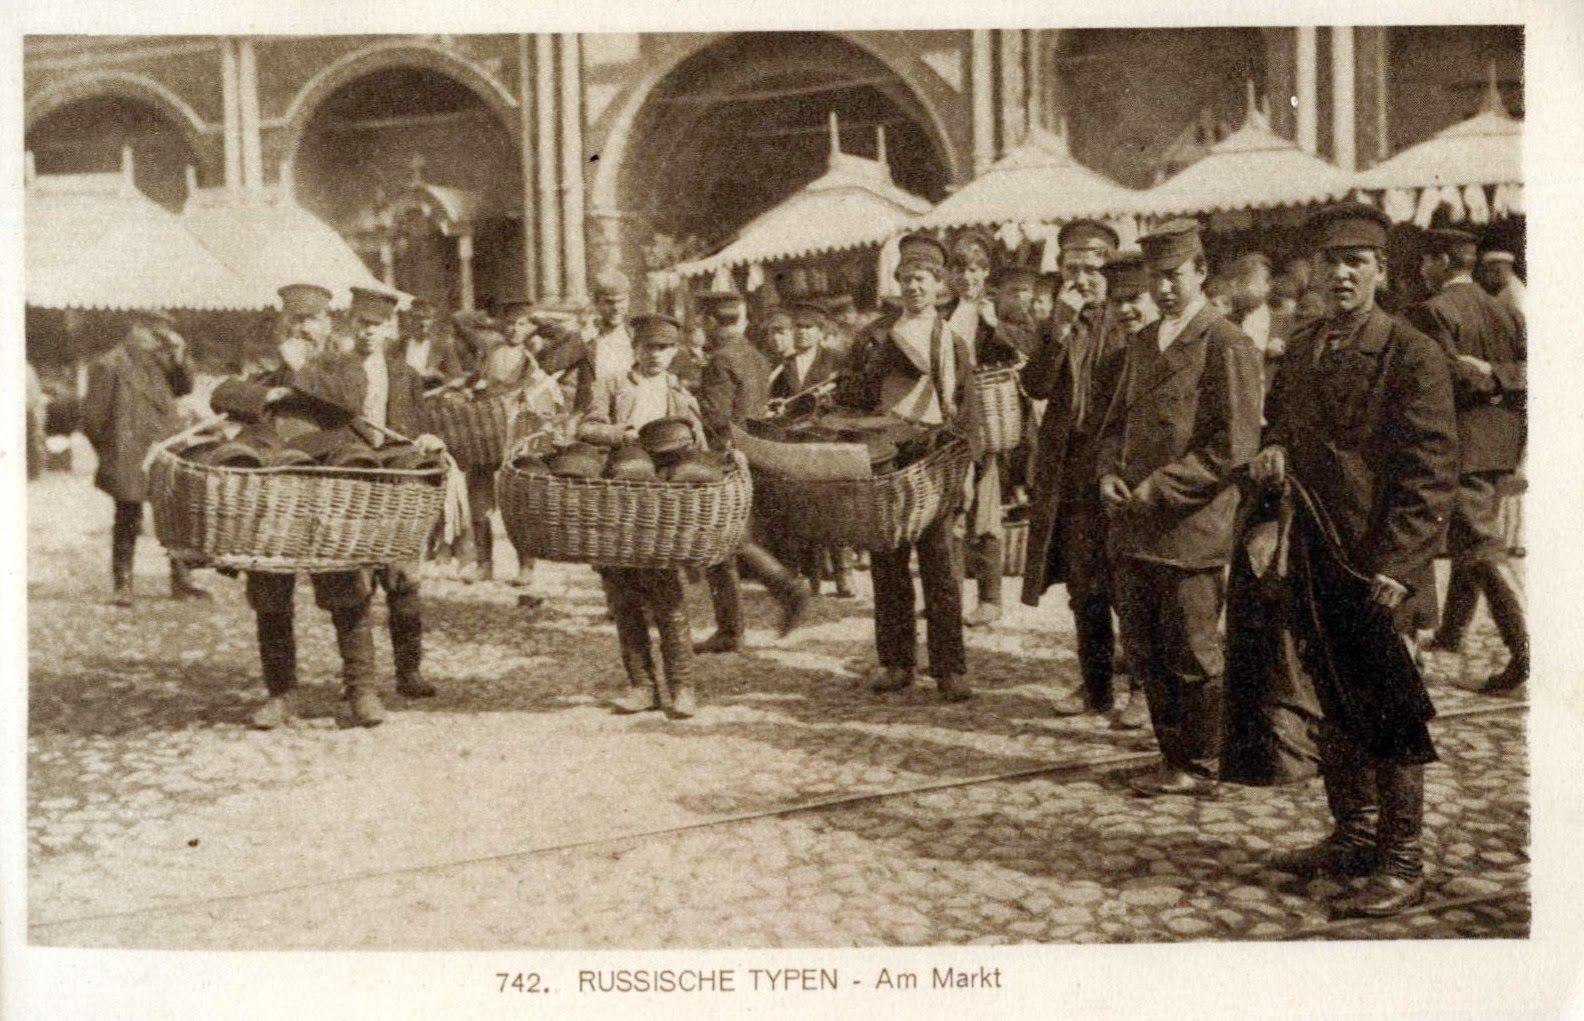 история в фотографиях - Русские типы. | Исторические ...